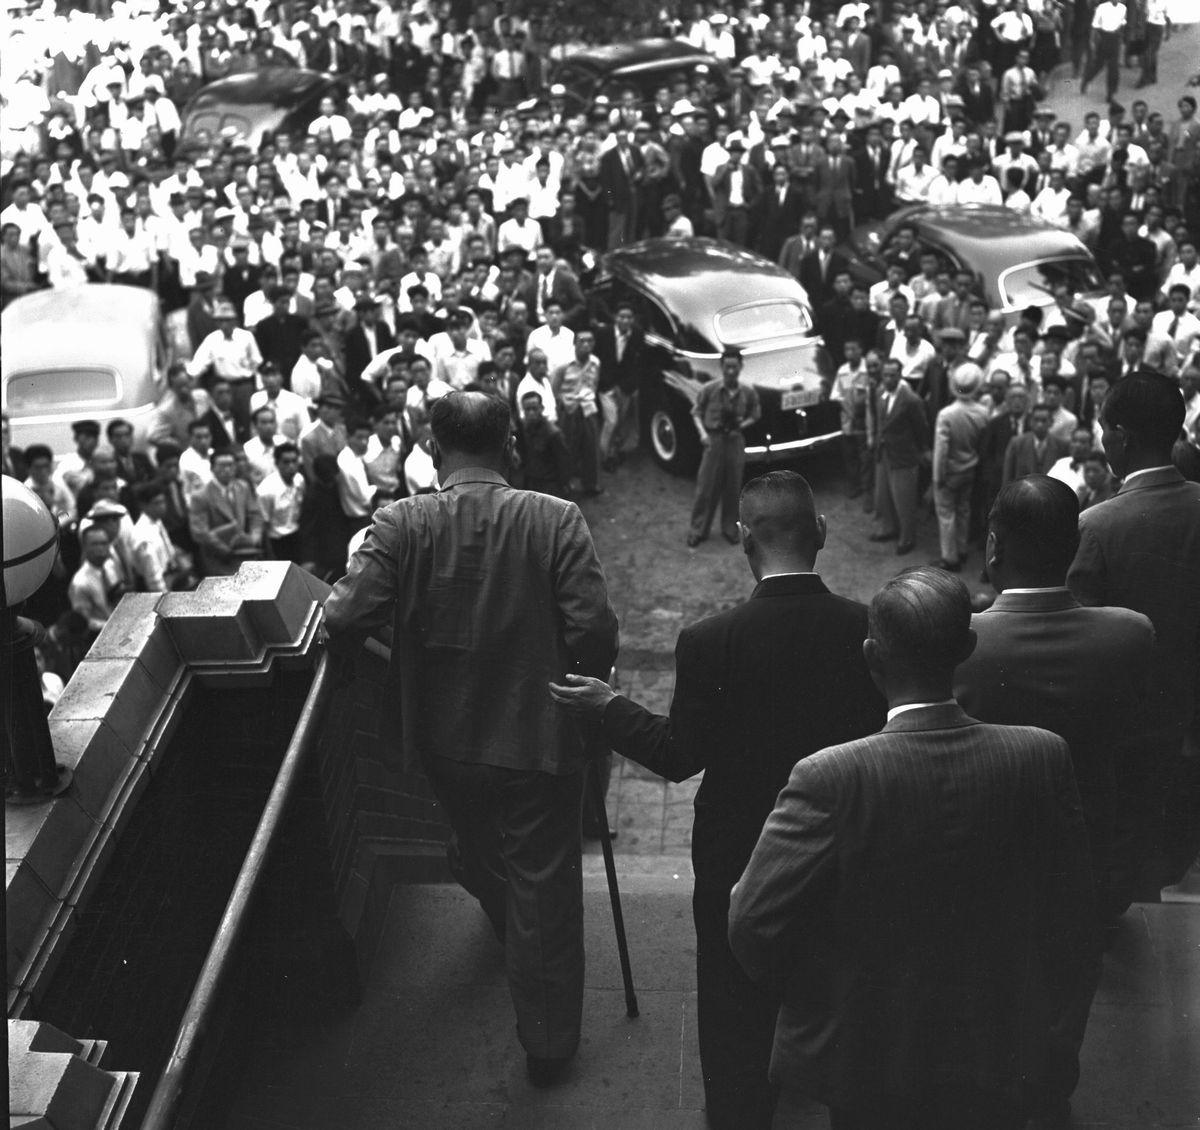 写真・図版 : 国民民主党、農民協同党、新政クラブなどで結成した保守政党「改進党」の臨時全国大会が東京・日比谷公会堂で開かれ、重光葵を初代総裁に選んだ。写真は杖をついて公会堂を出る重光新総裁を迎える群衆=1952年6月13日